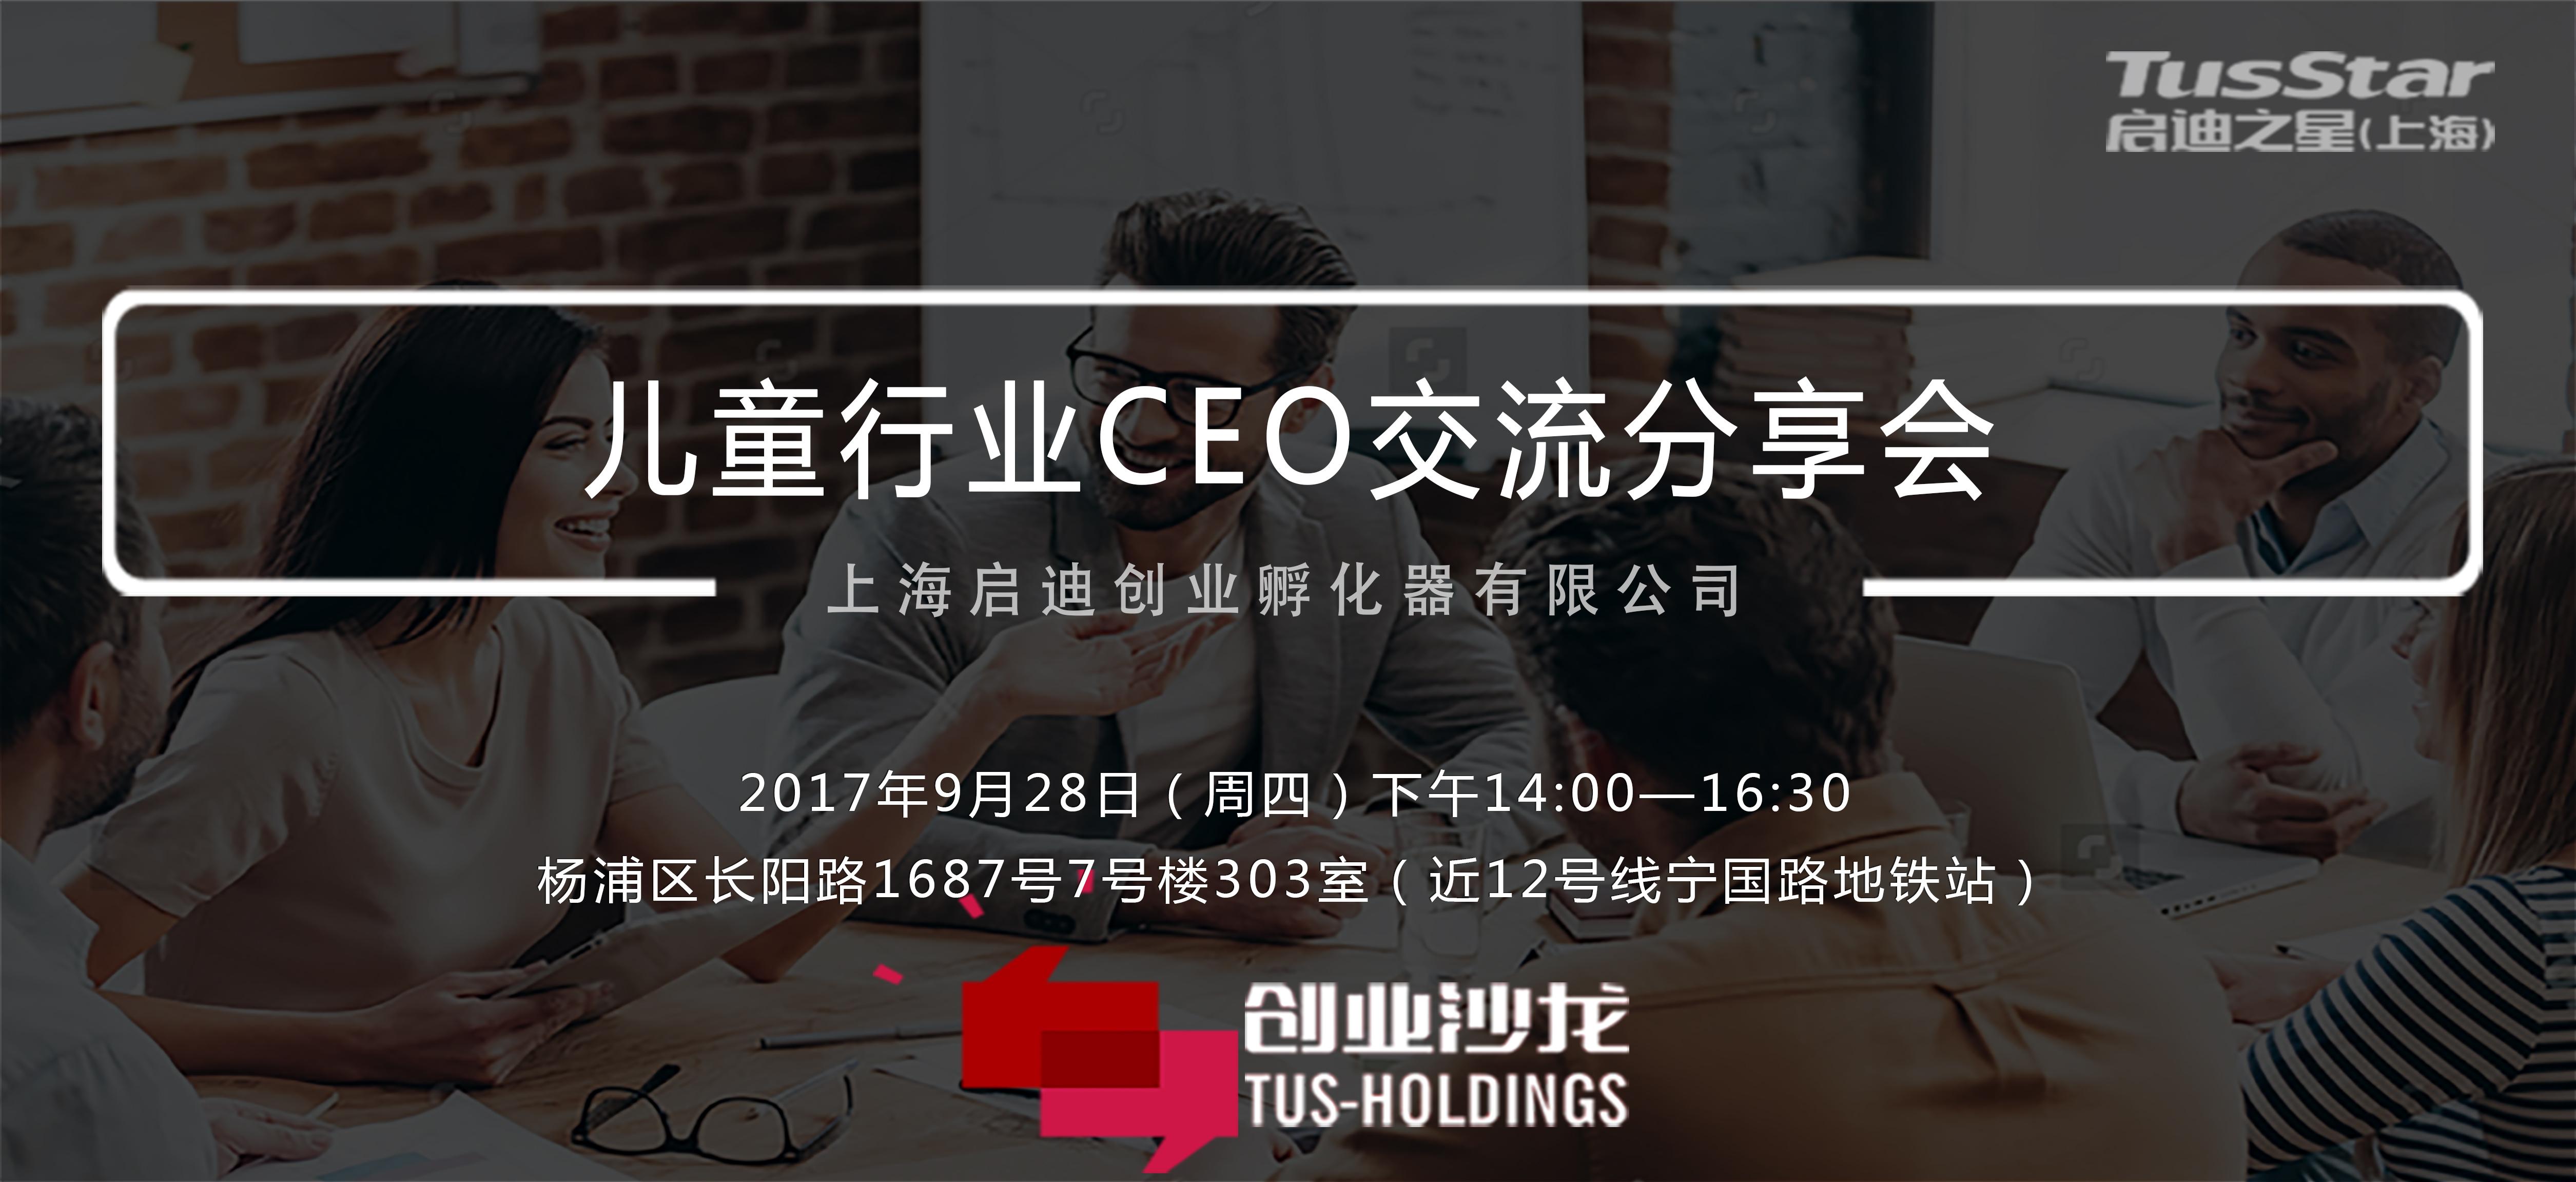 创业沙龙|儿童行业CEO交流分享会